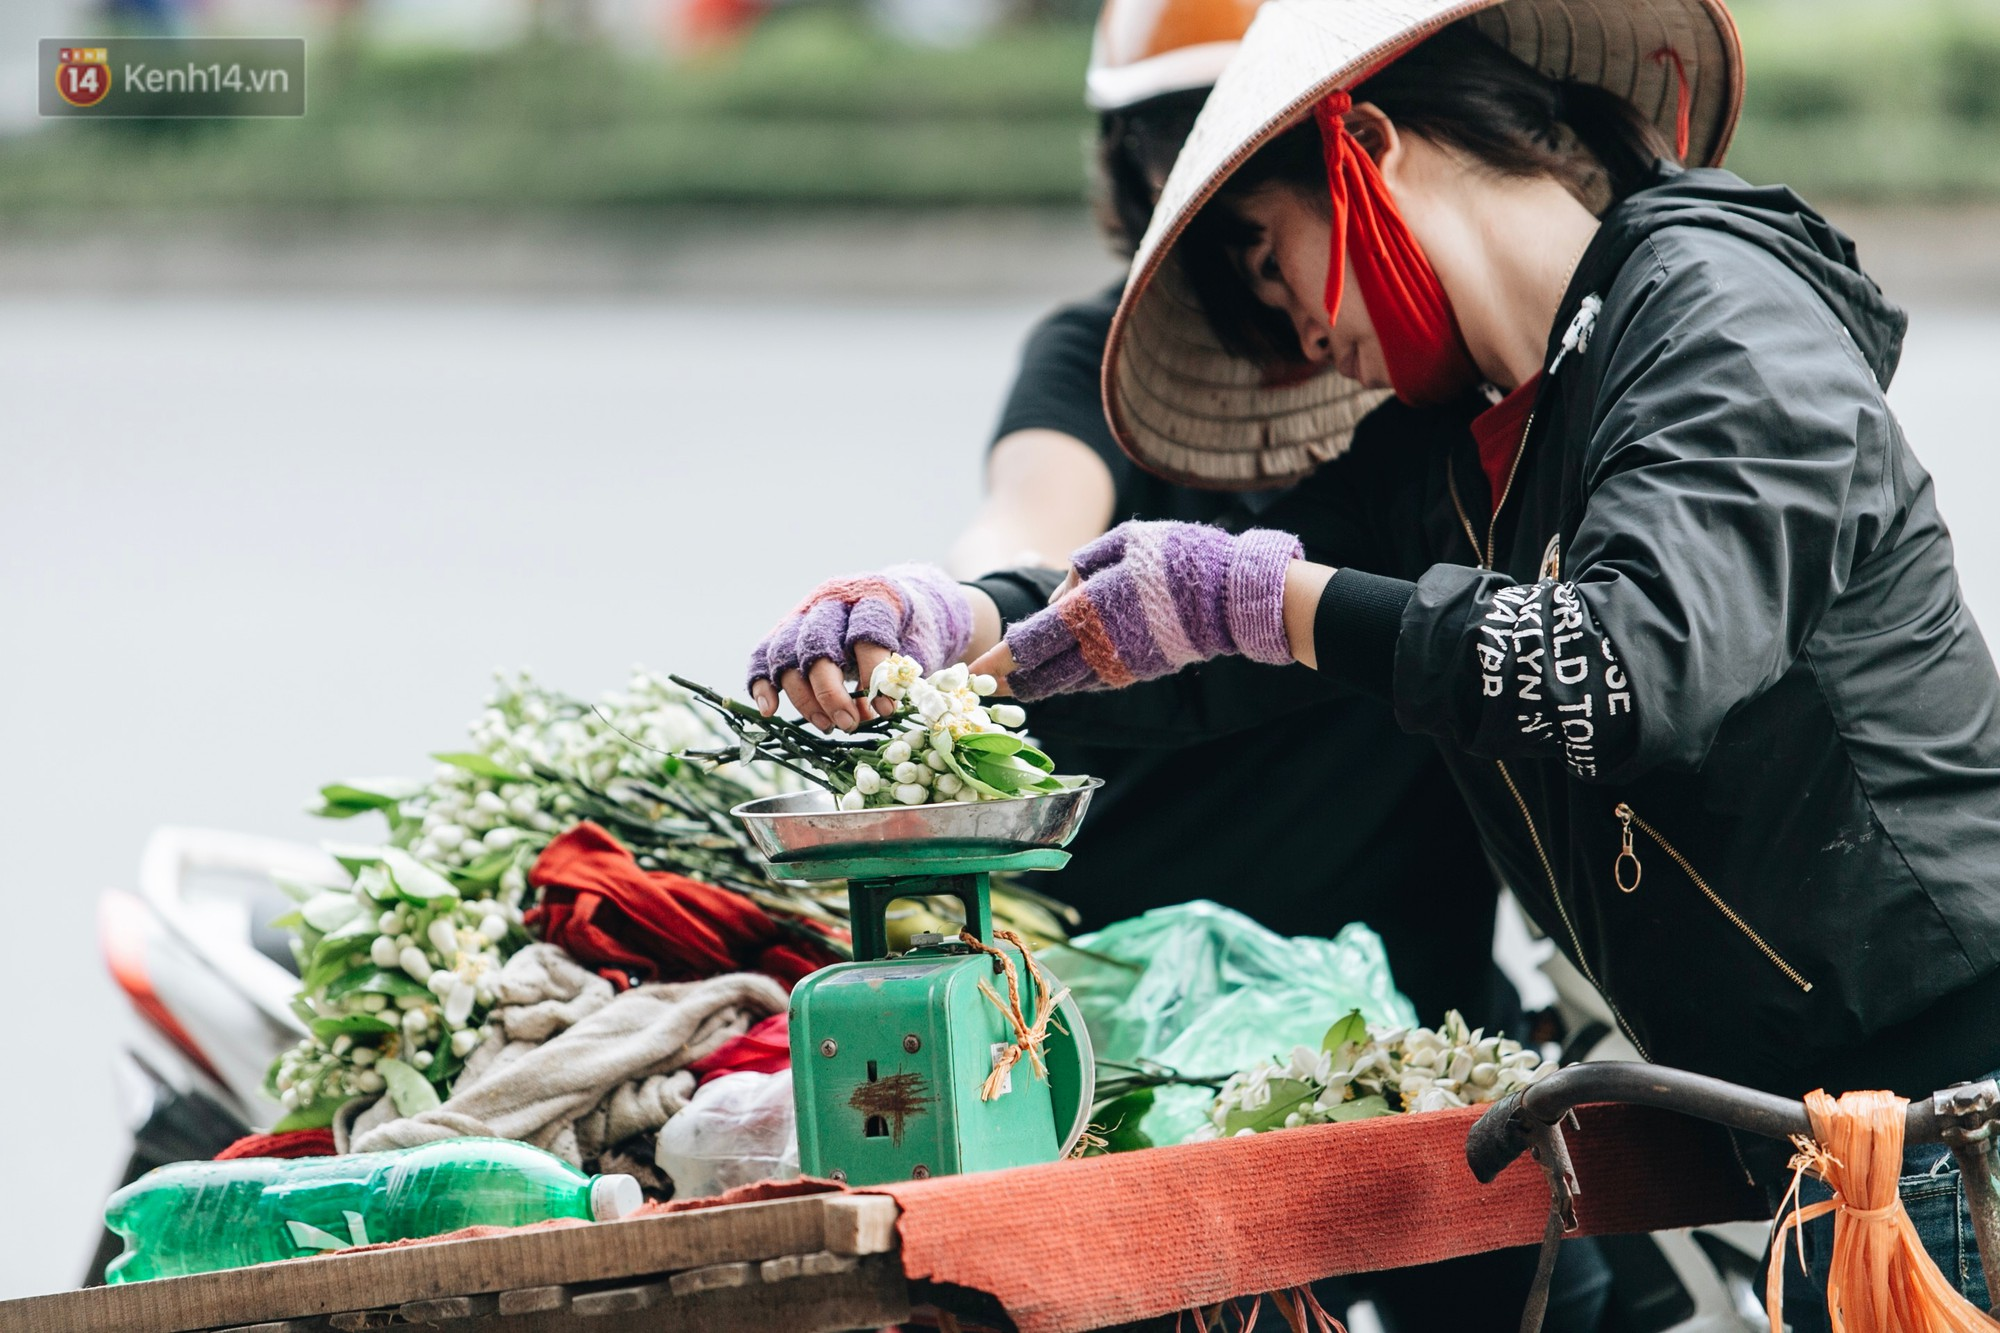 Hoa bưởi tháng 2 theo gió xuống phố Hà Nội, giá lên đến 300.000 đồng/kg vẫn cháy hàng - Ảnh 3.